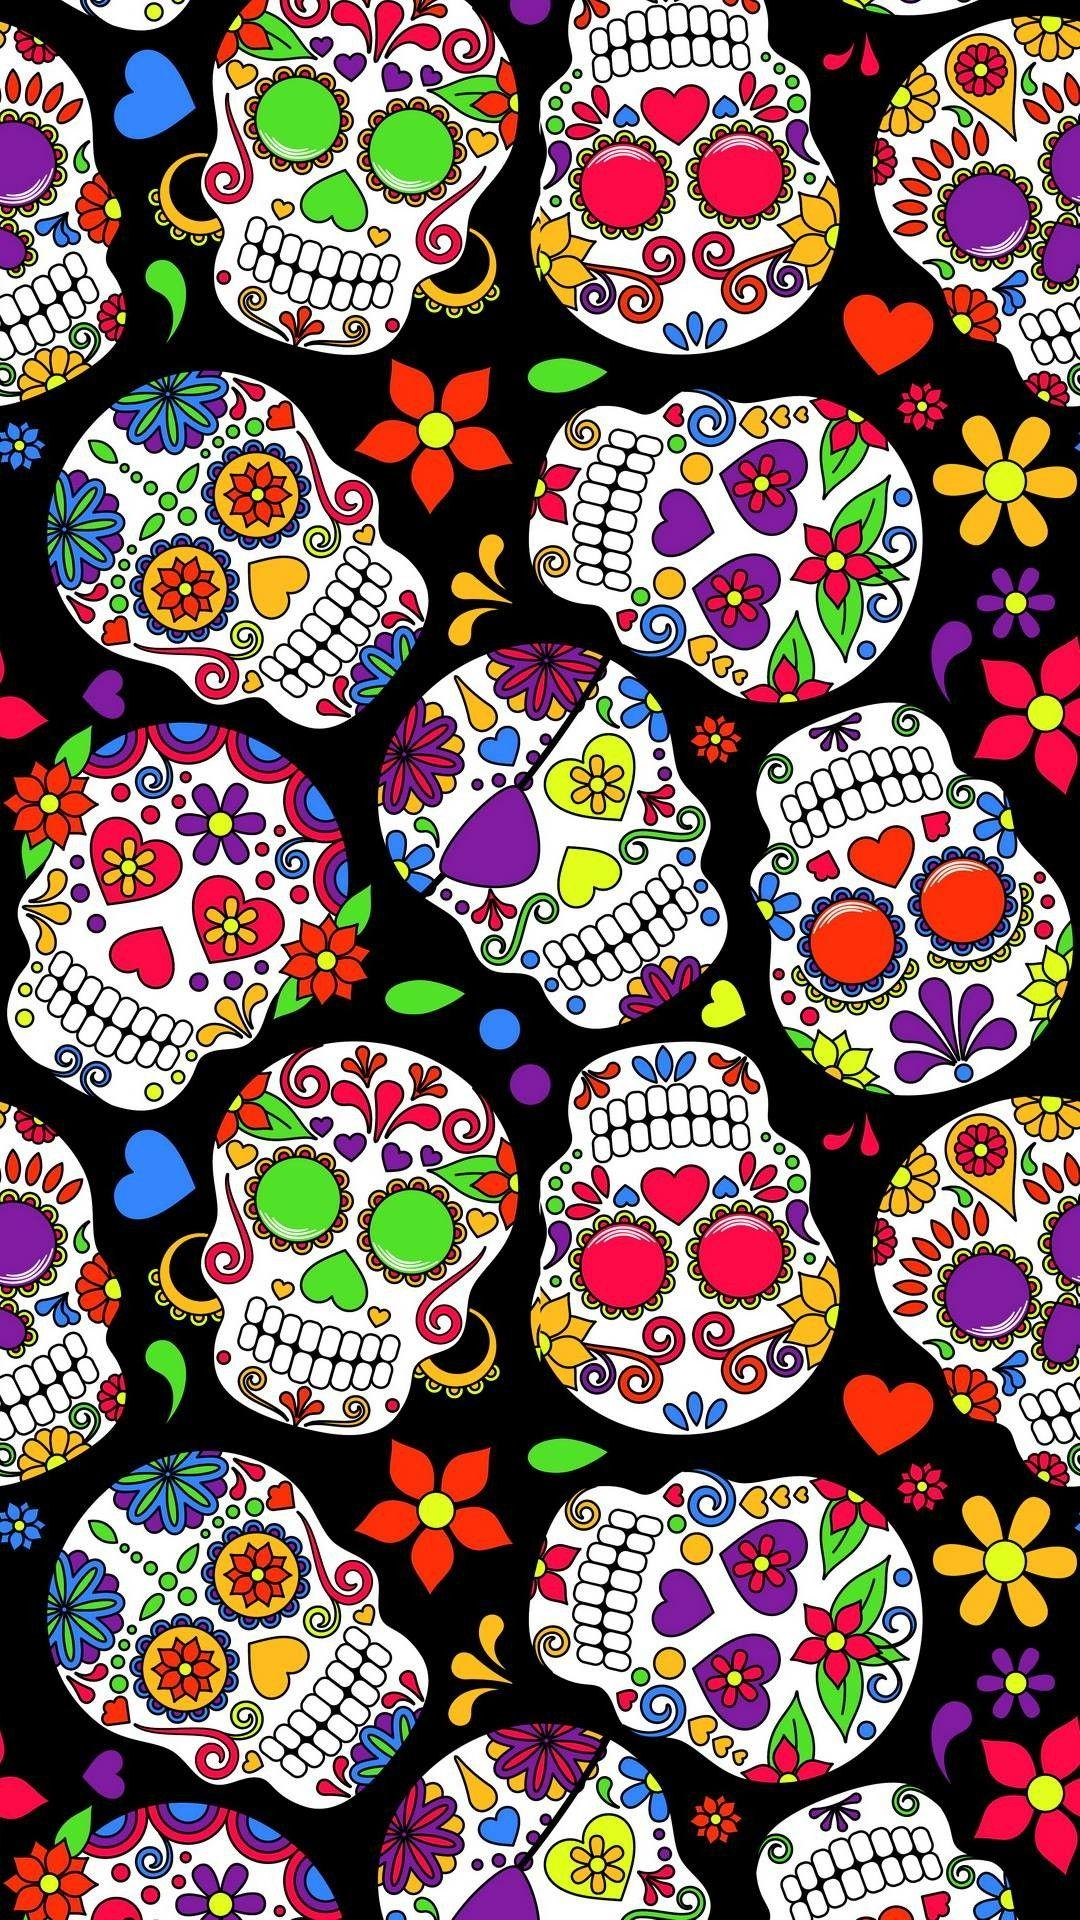 Skull wallpaper | Sugar skull, Skull fabric, Day of the dead